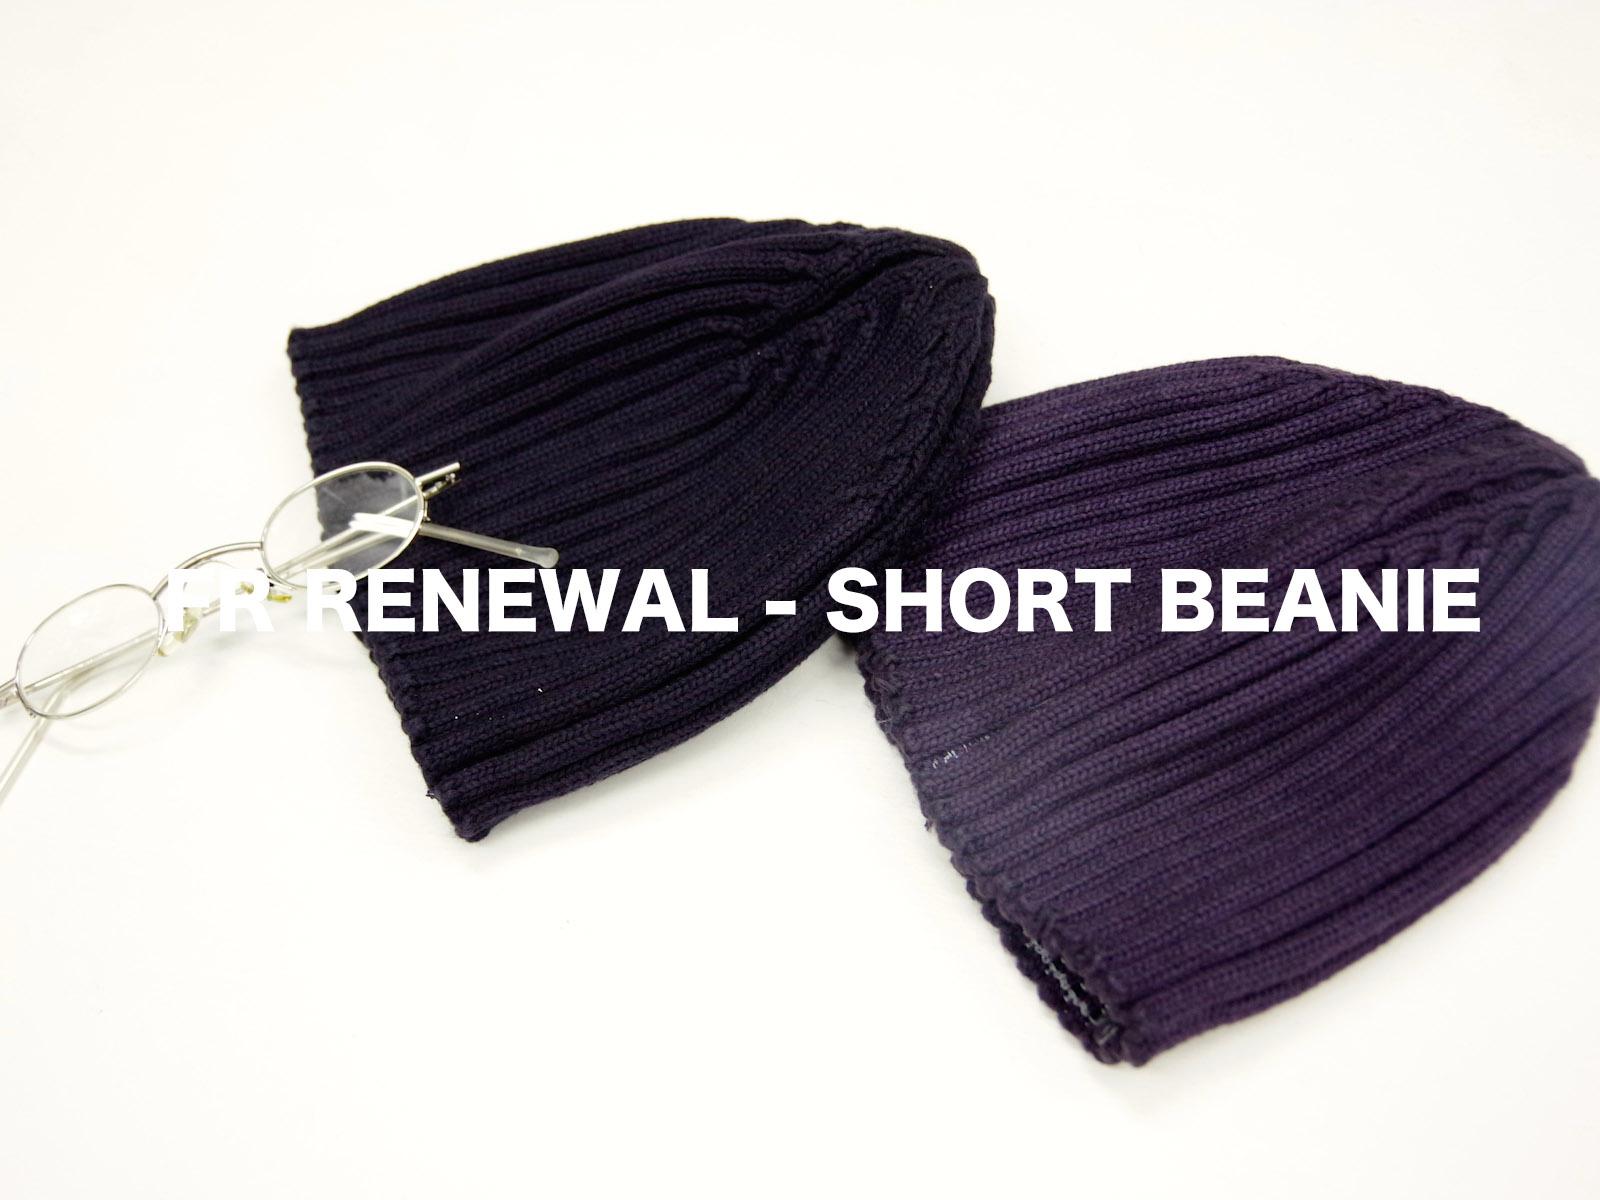 FR RENEWAL – SHORT BEANIE